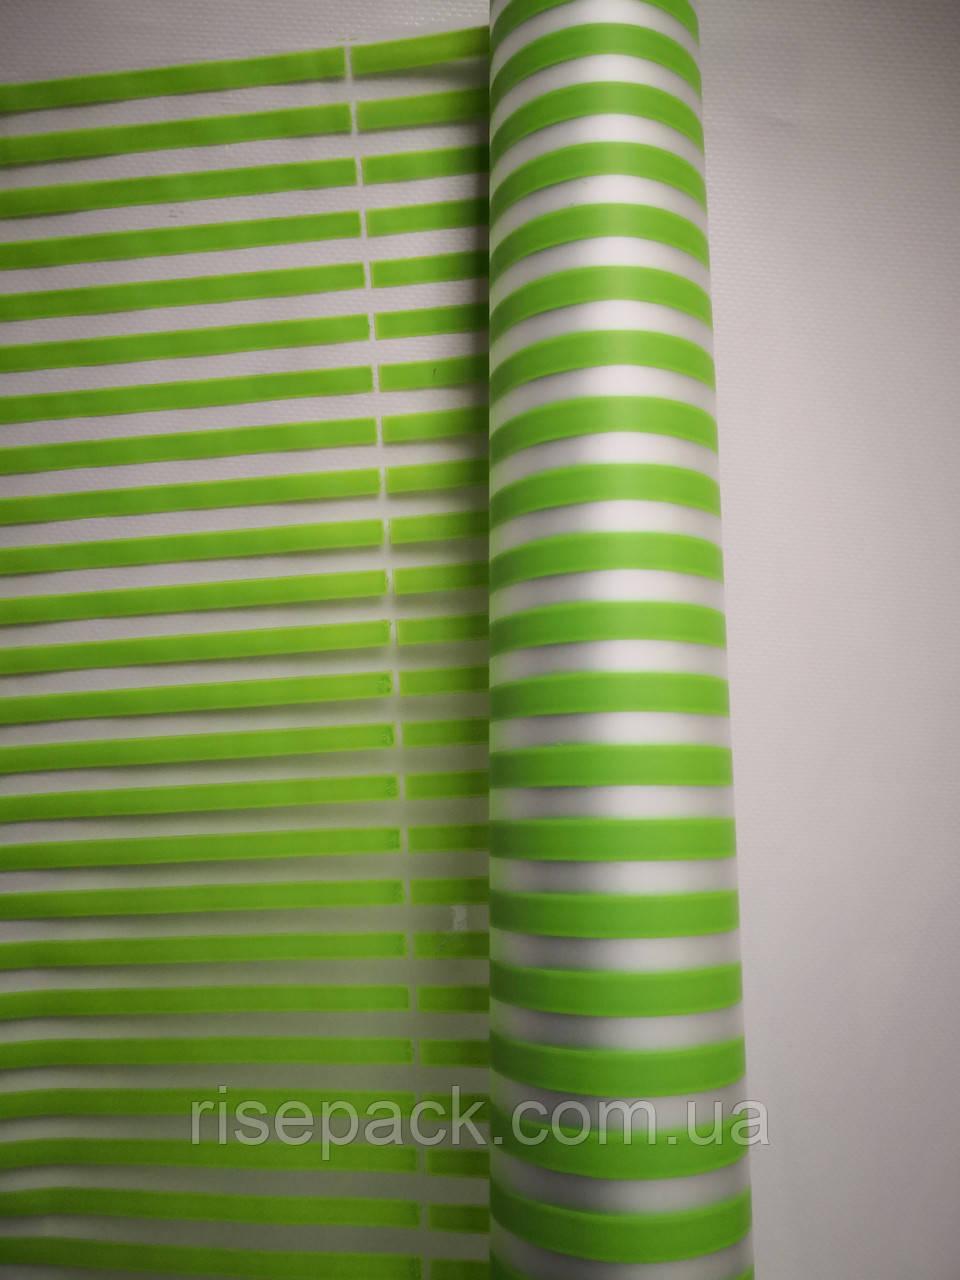 Пленка для упаковки подарков ПОЛОСА зеленая рулон 0,6х10м